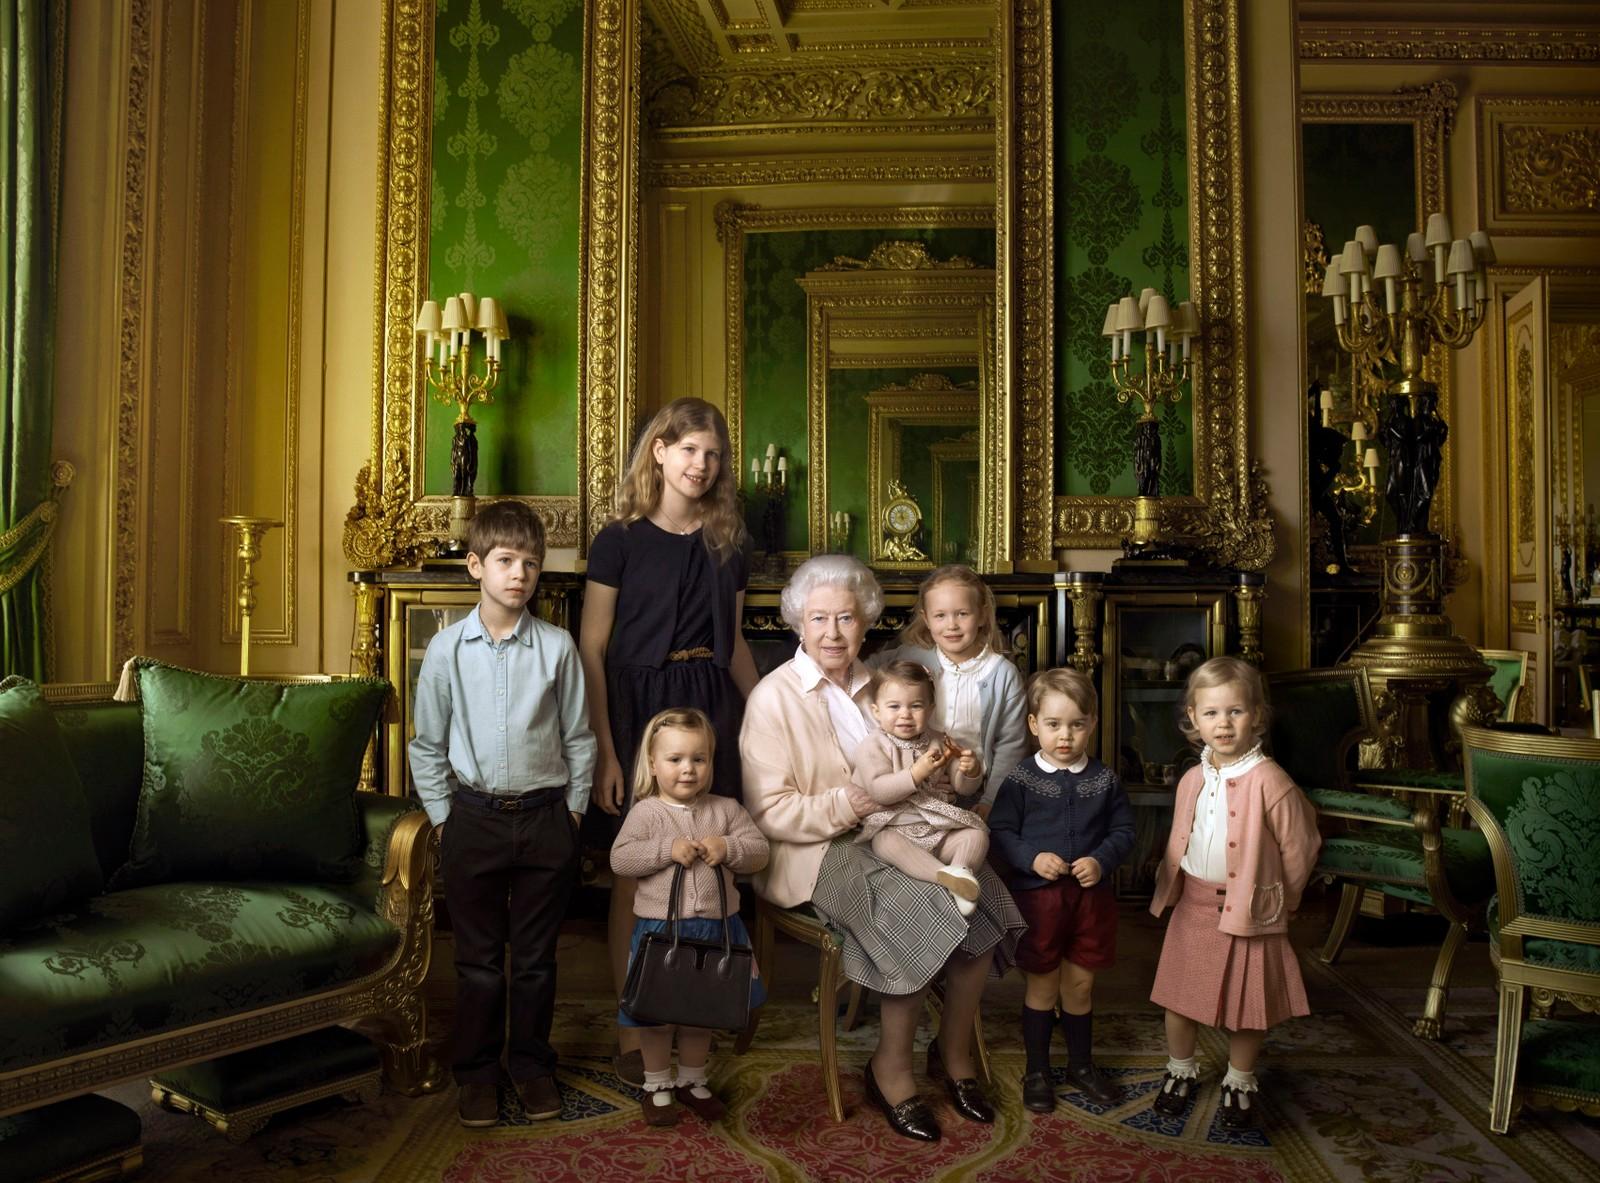 Det var ikke nødvendigvis dronning Elizabeth som ble snakkisen på nett etter at dette offisielle bildet ble sluppet fra Buckingham Palace i anledning 90 års-dagen. Den søte veskeholderen Mia Tindall (2) førte til Twitter-meldinger av typen «Flytt deg George, dette bildet handler kun om Mia Tindall!»